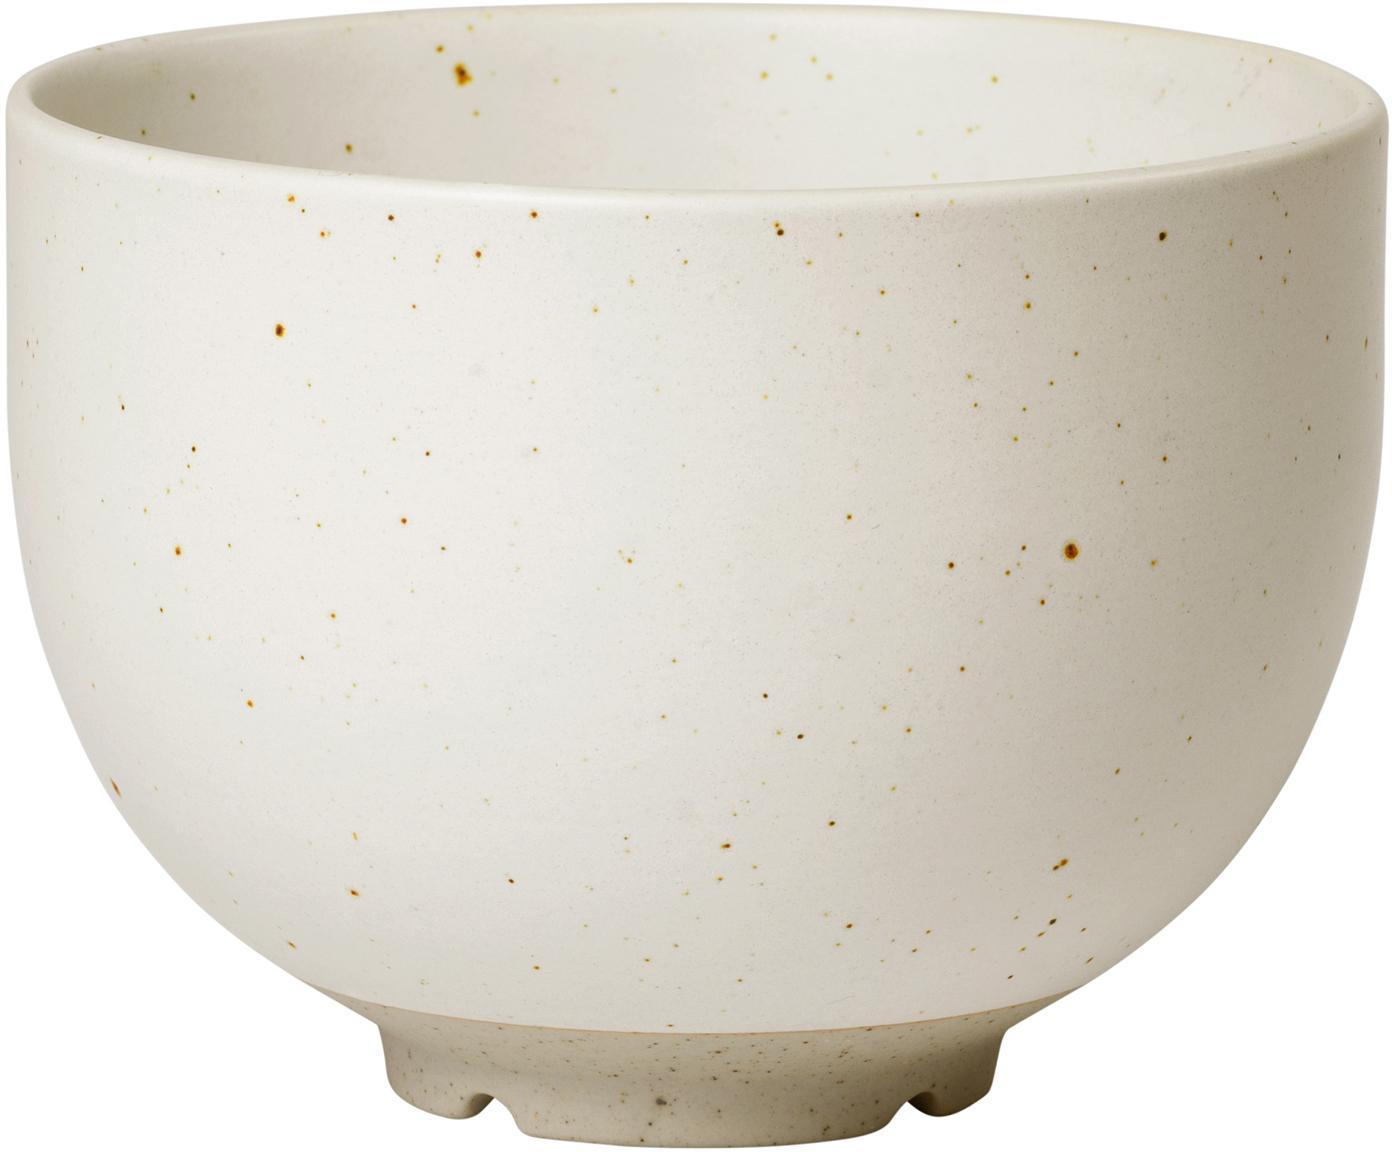 Ciotola in terracotta con finitura opaca Eli 4 pz, Gres, Beige, grigio chiaro, Ø 11 cm